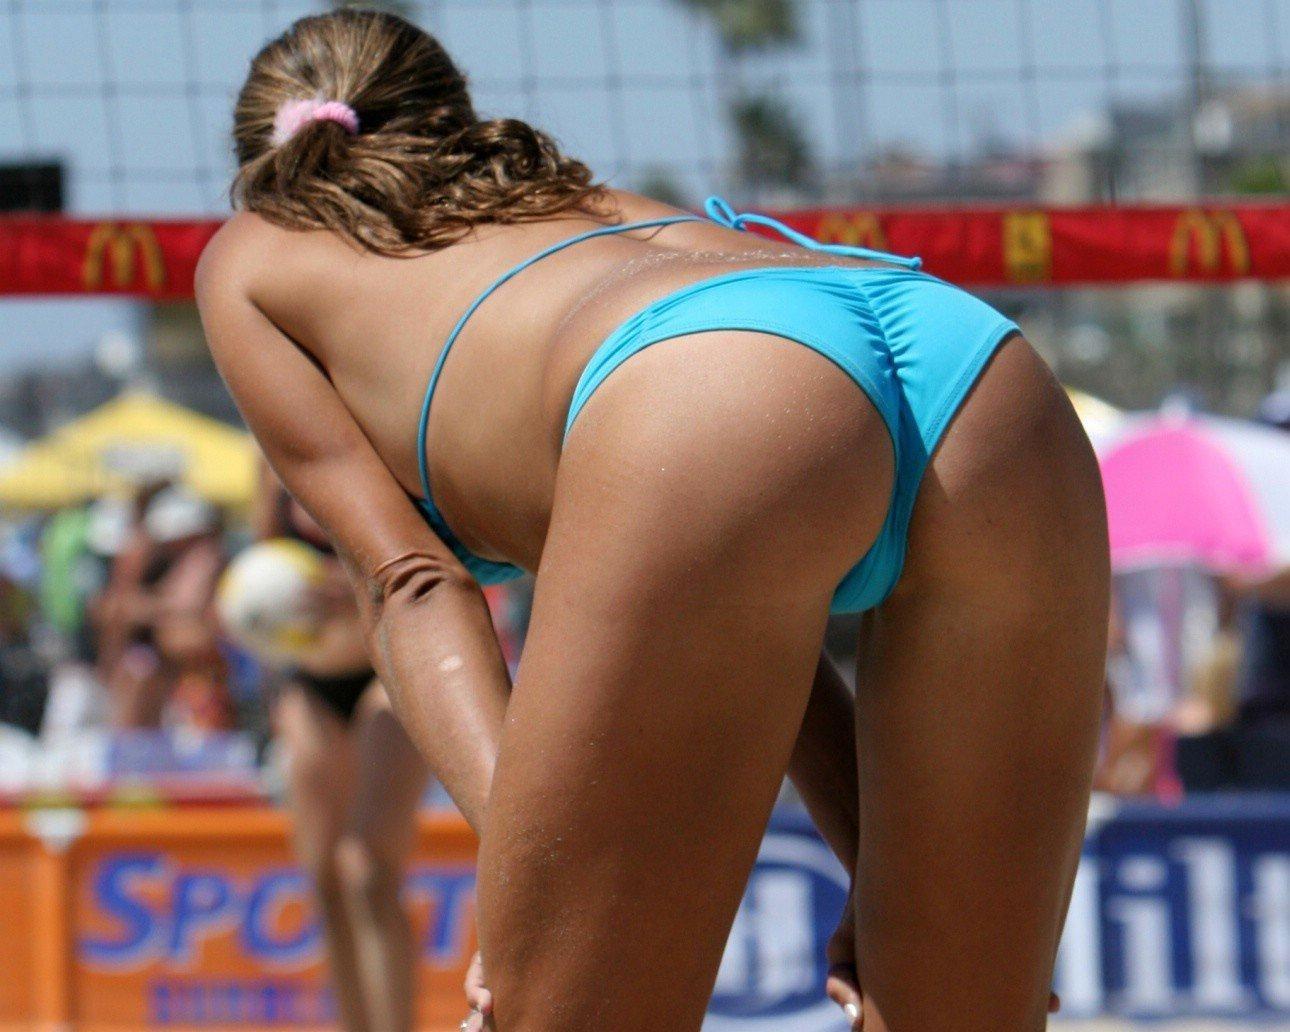 Beach volleyball girl ass nude